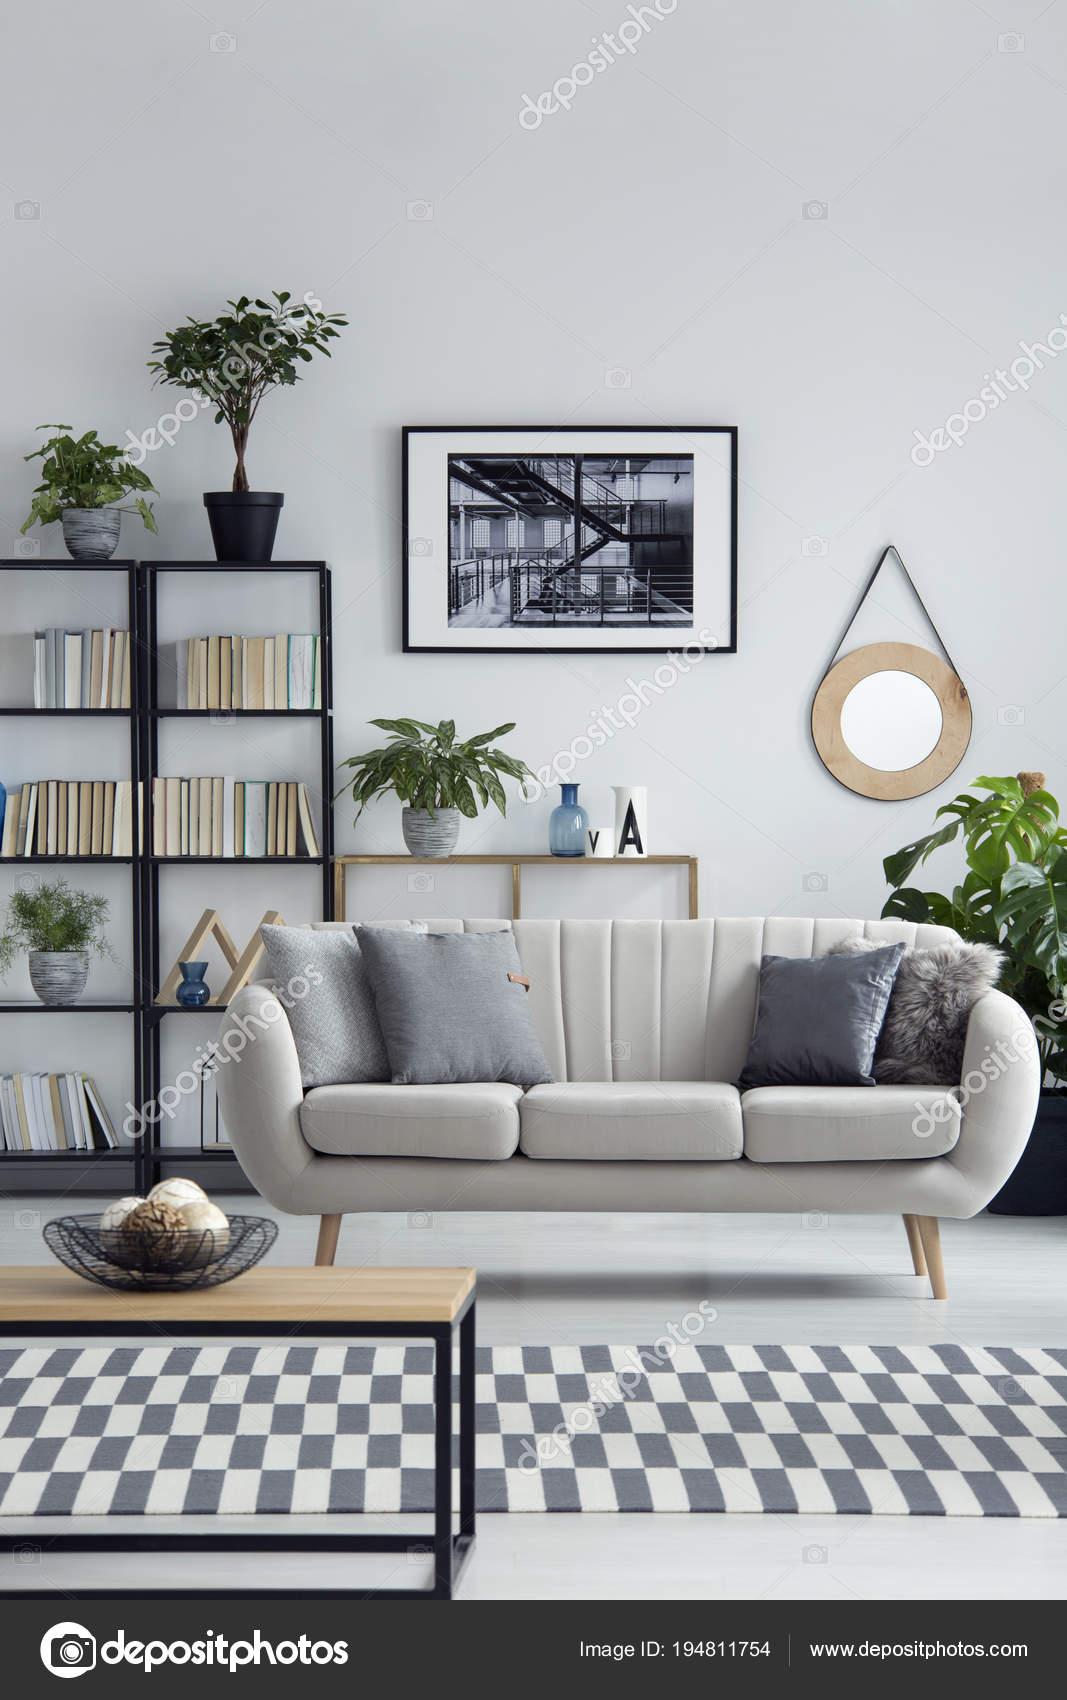 Schlichtes Design Wohnzimmer Interieur — Stockfoto © photographee.eu ...